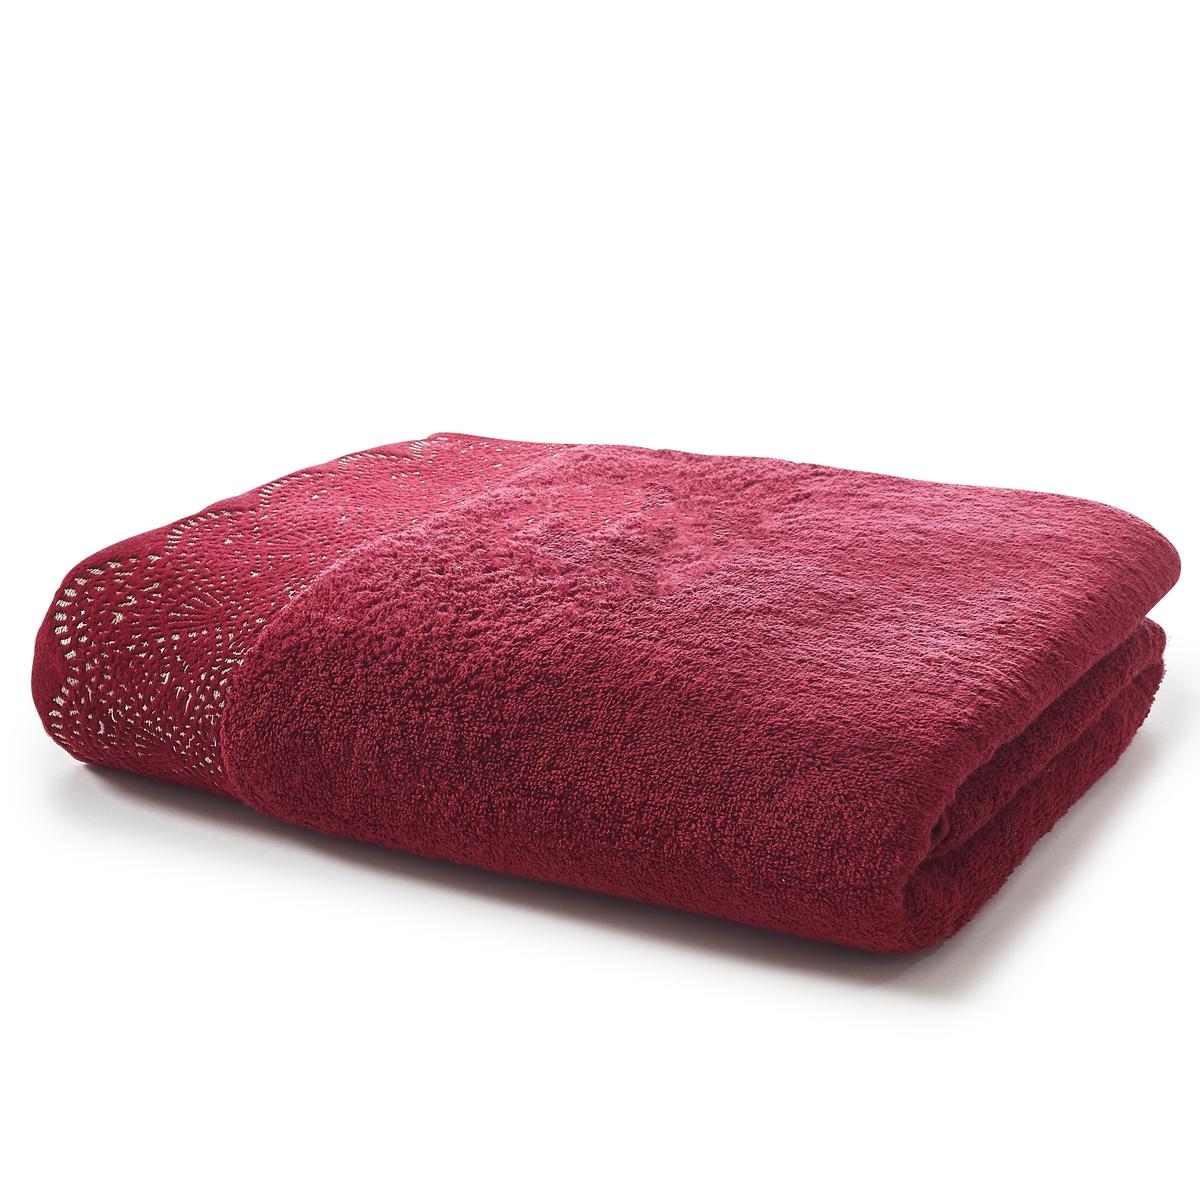 Полотенце из махровой ткани 500 г/м?, DENTELLEОднотонное полотенце, украшенное жаккардовым узором с эффектом кружева.     Характеристики полотенца Dentelle :- Махровая ткань букле из 100% хлопка (500 г/м?).- Кружевная отделка краев.- Машинная стирка при 60 °С.- Машинная сушка при умеренной температуре.- Замечательная износоустойчивость, сохраняет мягкость и яркость окраски после многочисленных стирок.- Размеры : 50 x 100 см.<br><br>Цвет: сливовый<br>Размер: 50 x 100 см